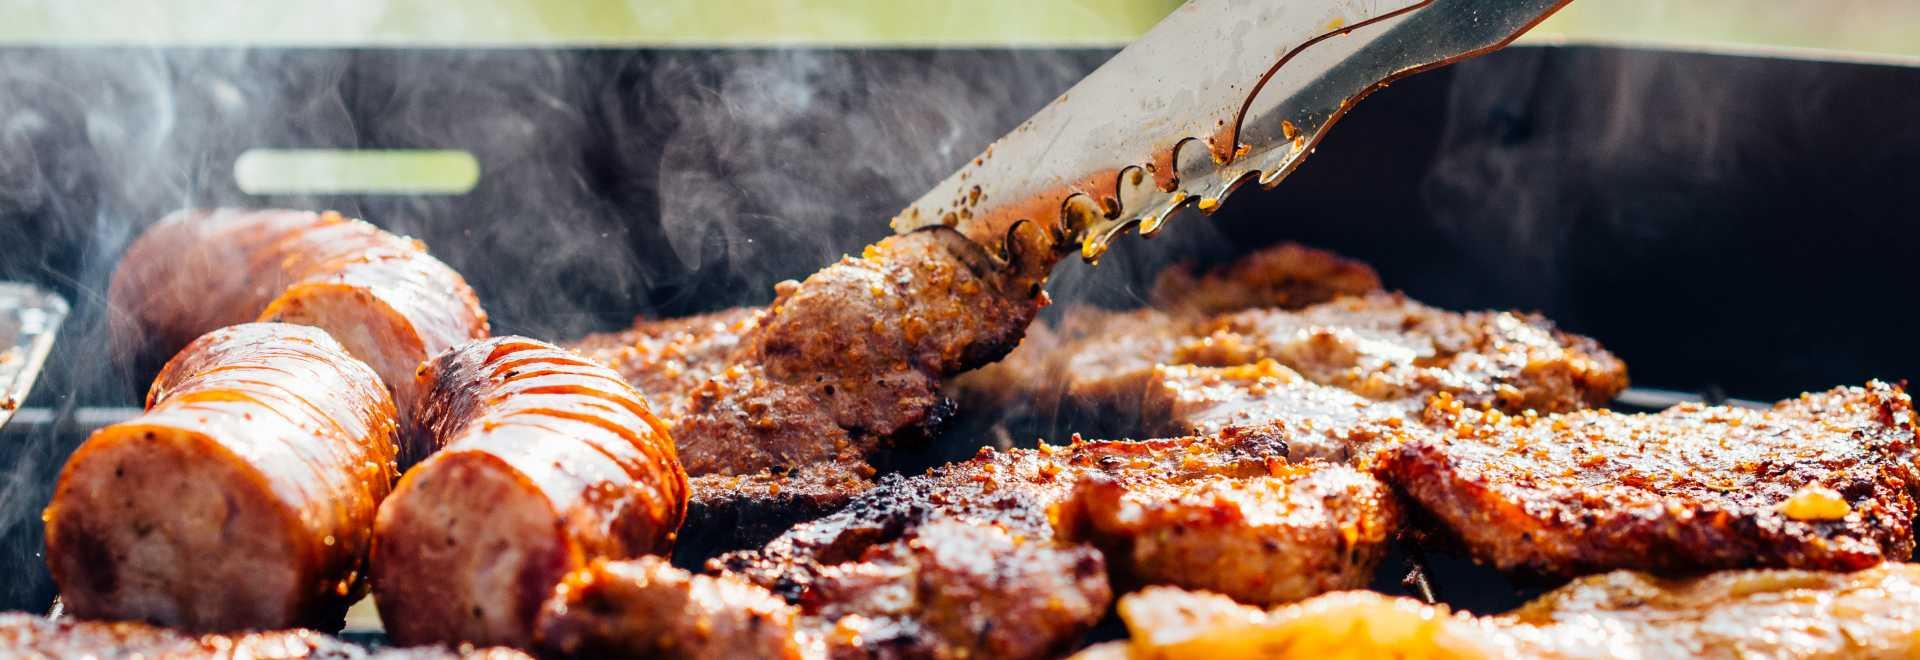 BBQ Chicken And Steak